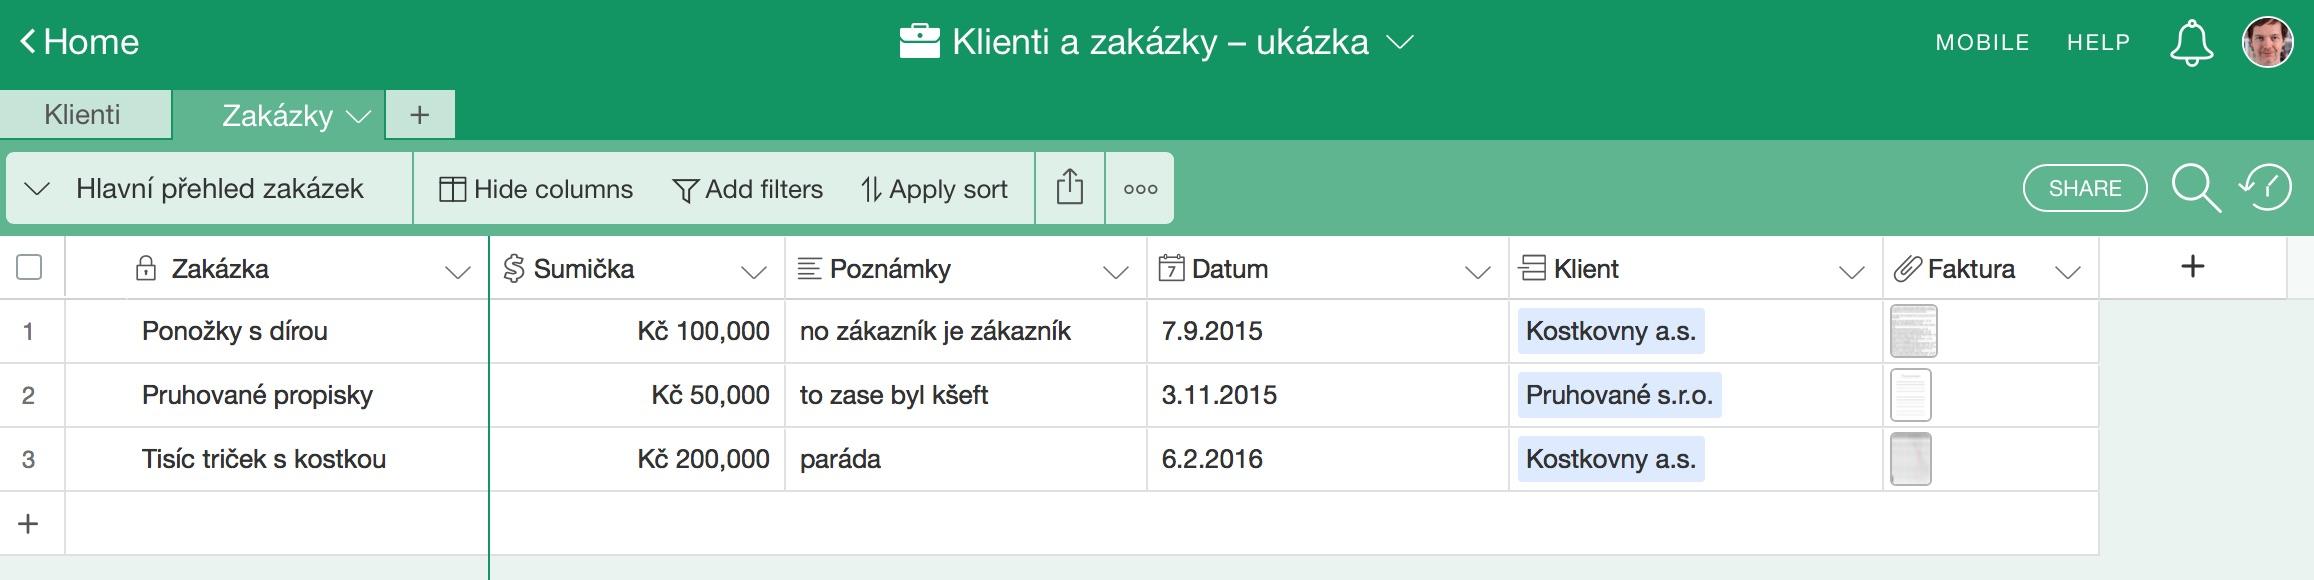 Klienti_a_zaka-zky_-uka-zka-_Airtable.09704e9a1d1f45b59aef016c704e7c93